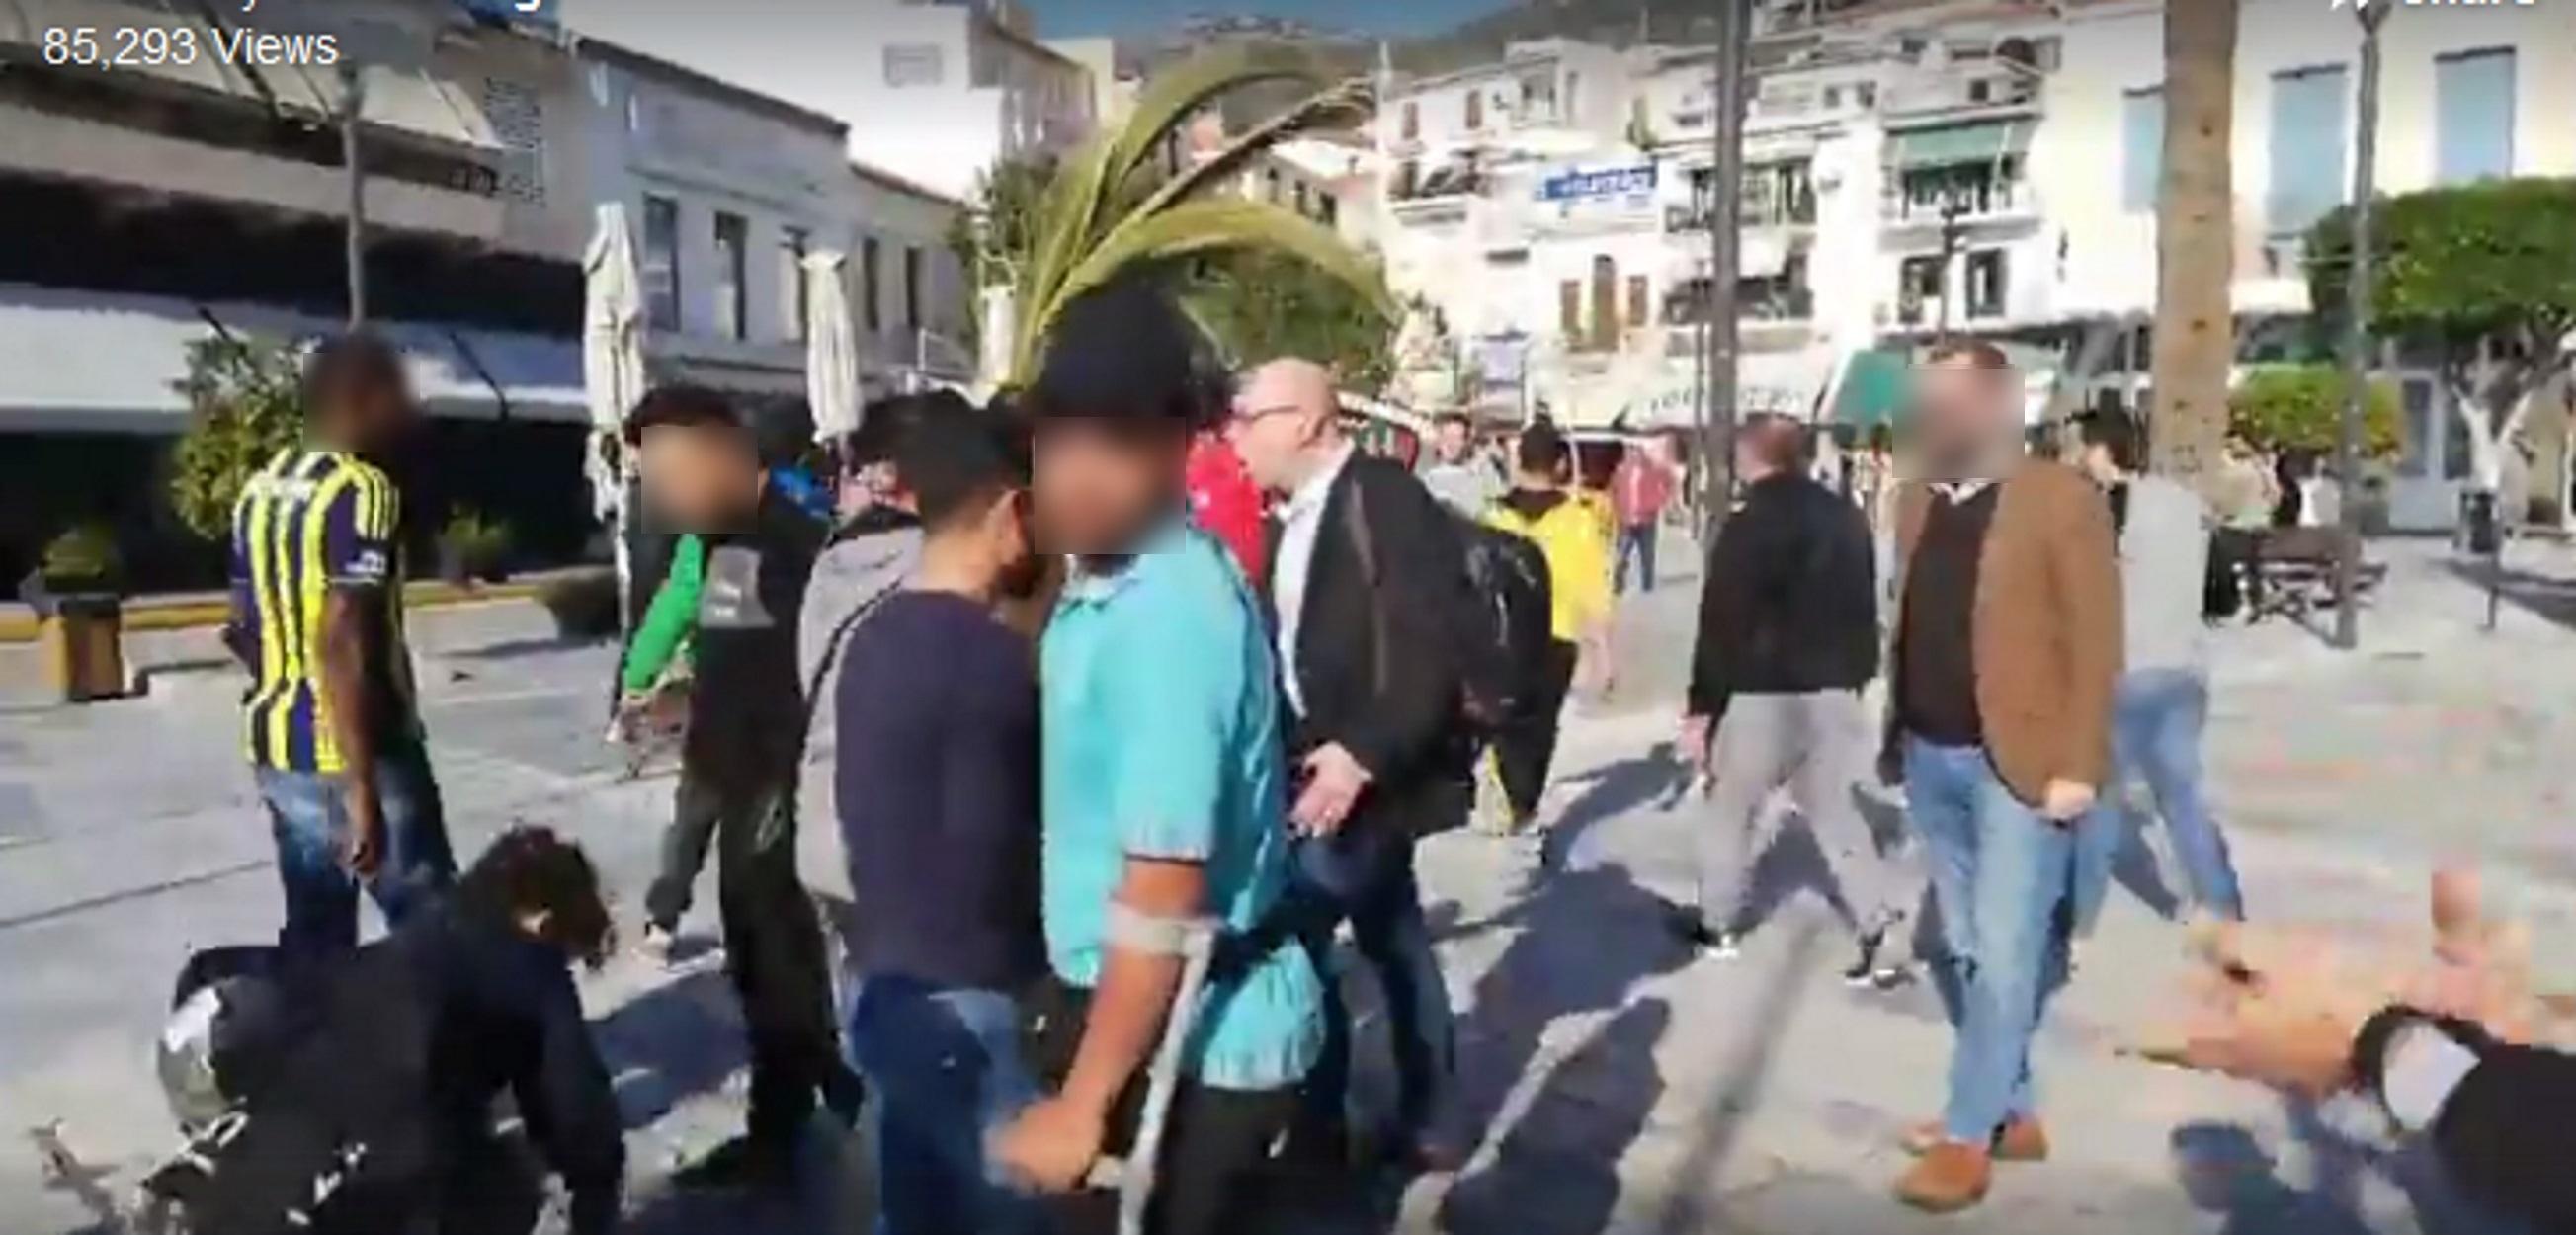 """Δήμαρχος Ανατολικής Σάμου σε μετανάστες: """"Go! Go now!"""" video"""